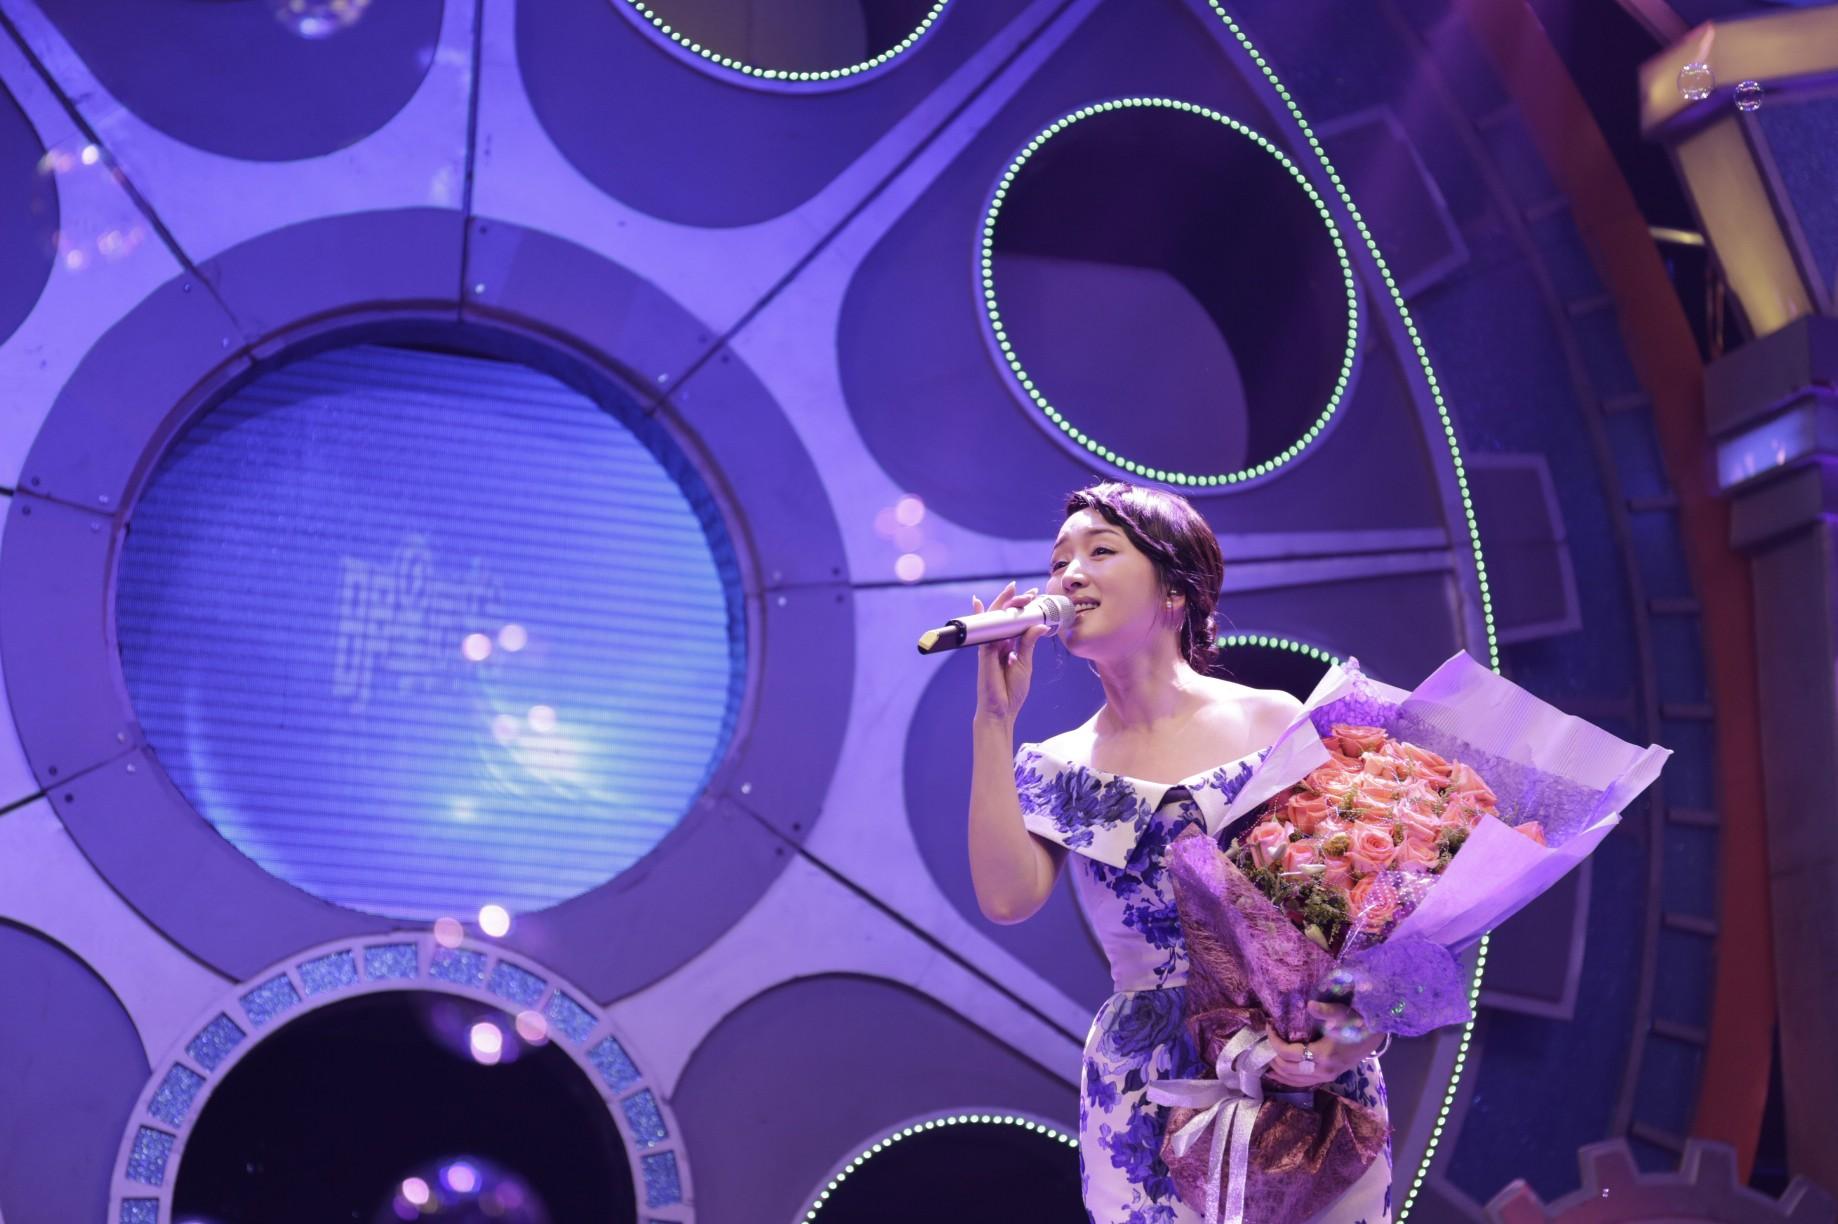 2013年8月27日河北卫视《官网同乐会》节目录制现场图片